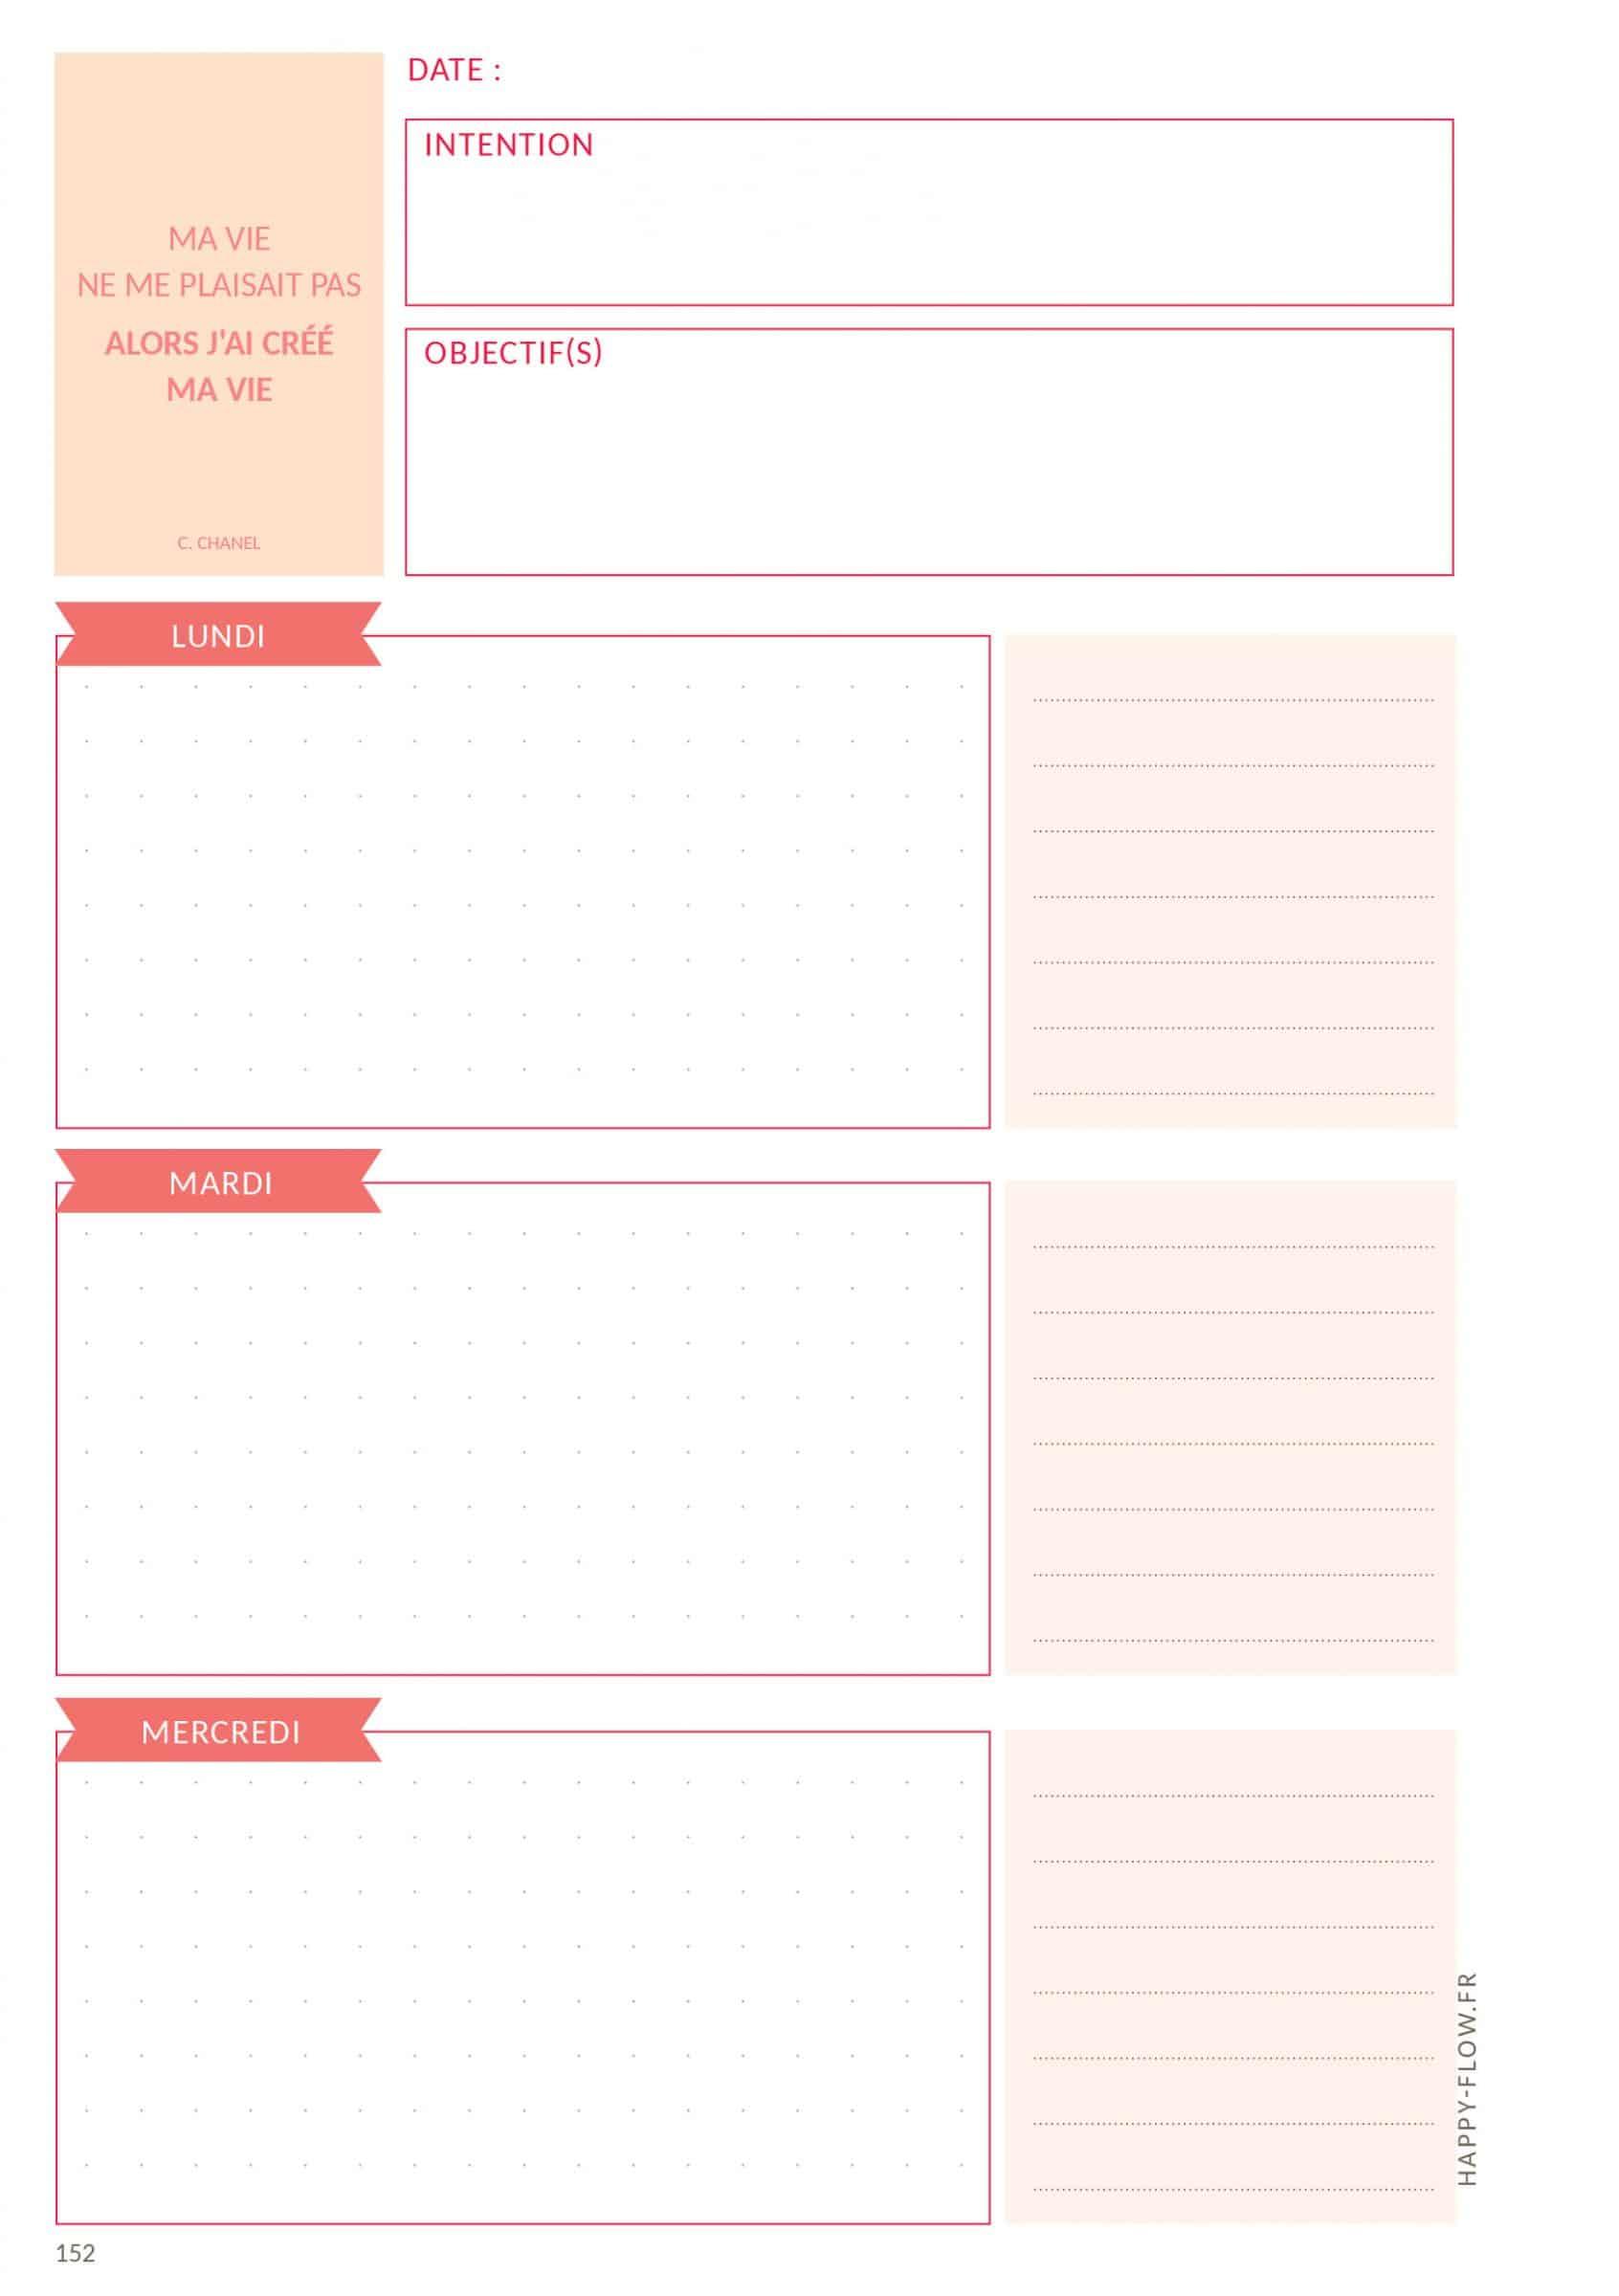 agenda_non-date_pdf_a5_h-152